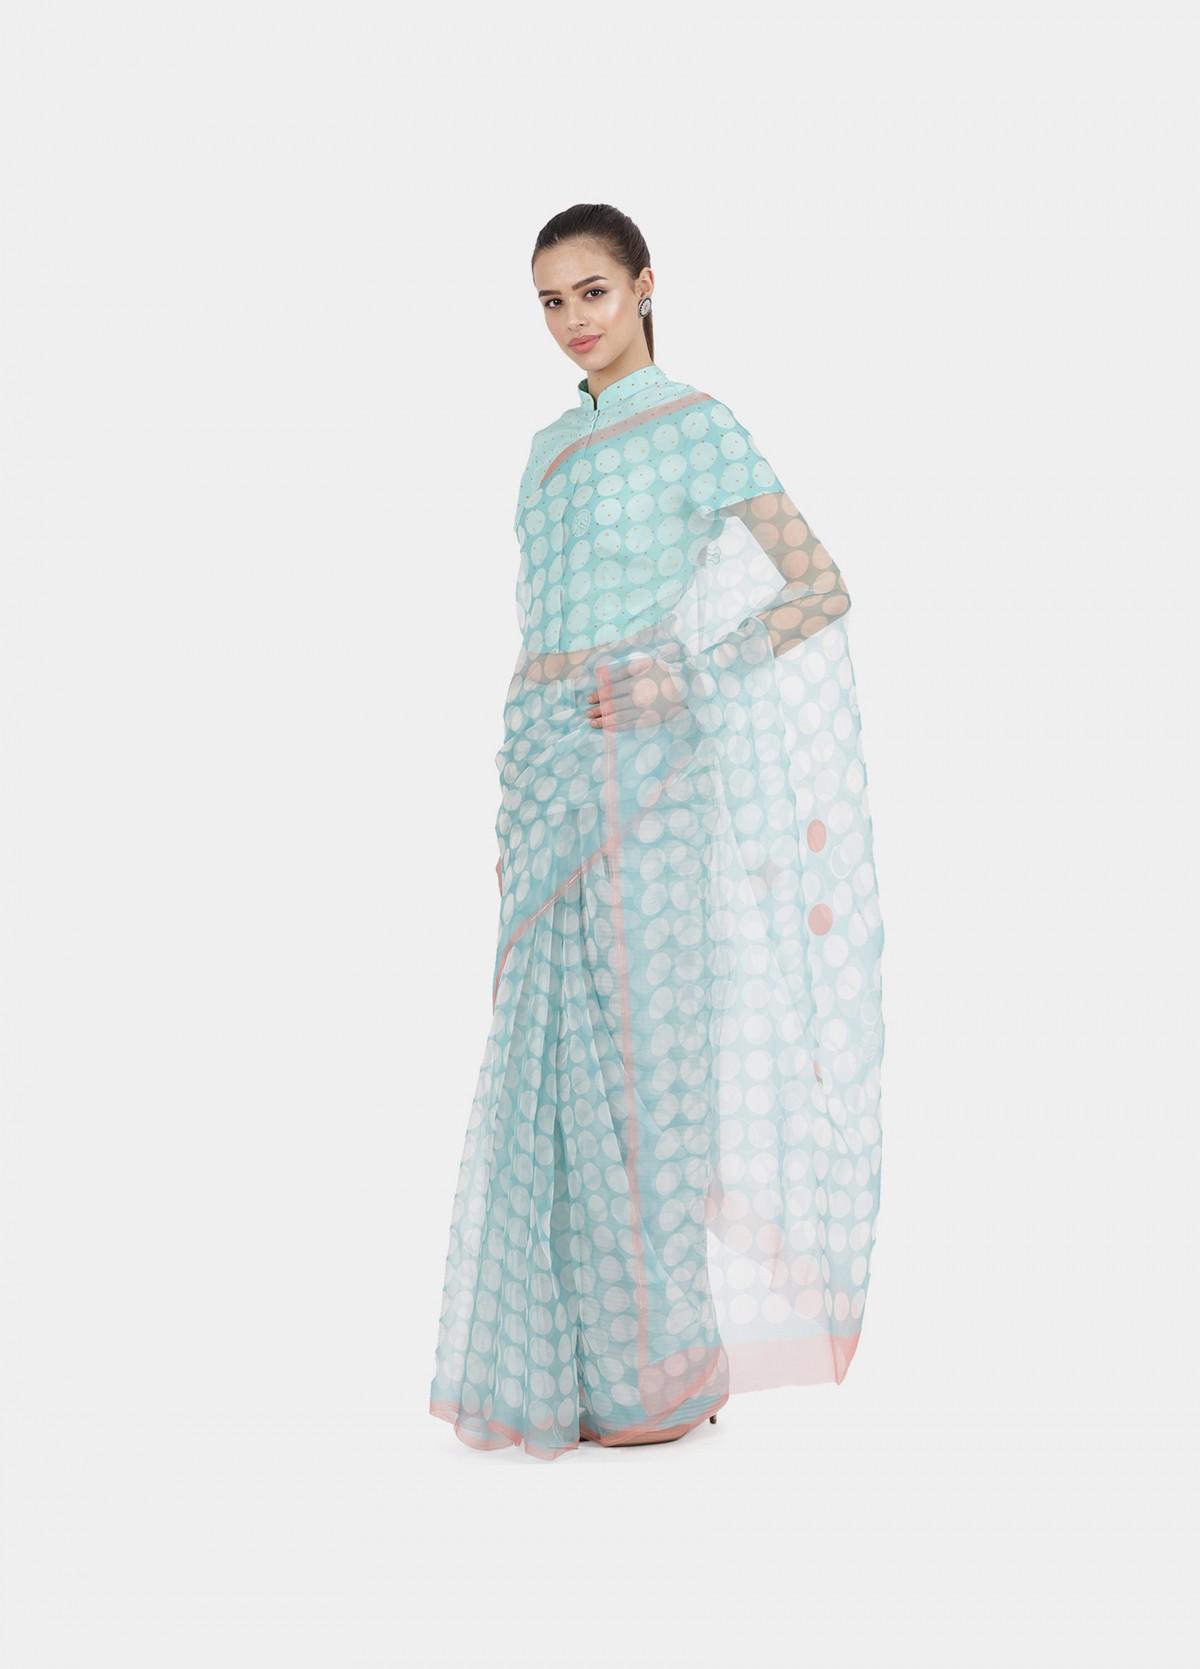 The Pause Sari